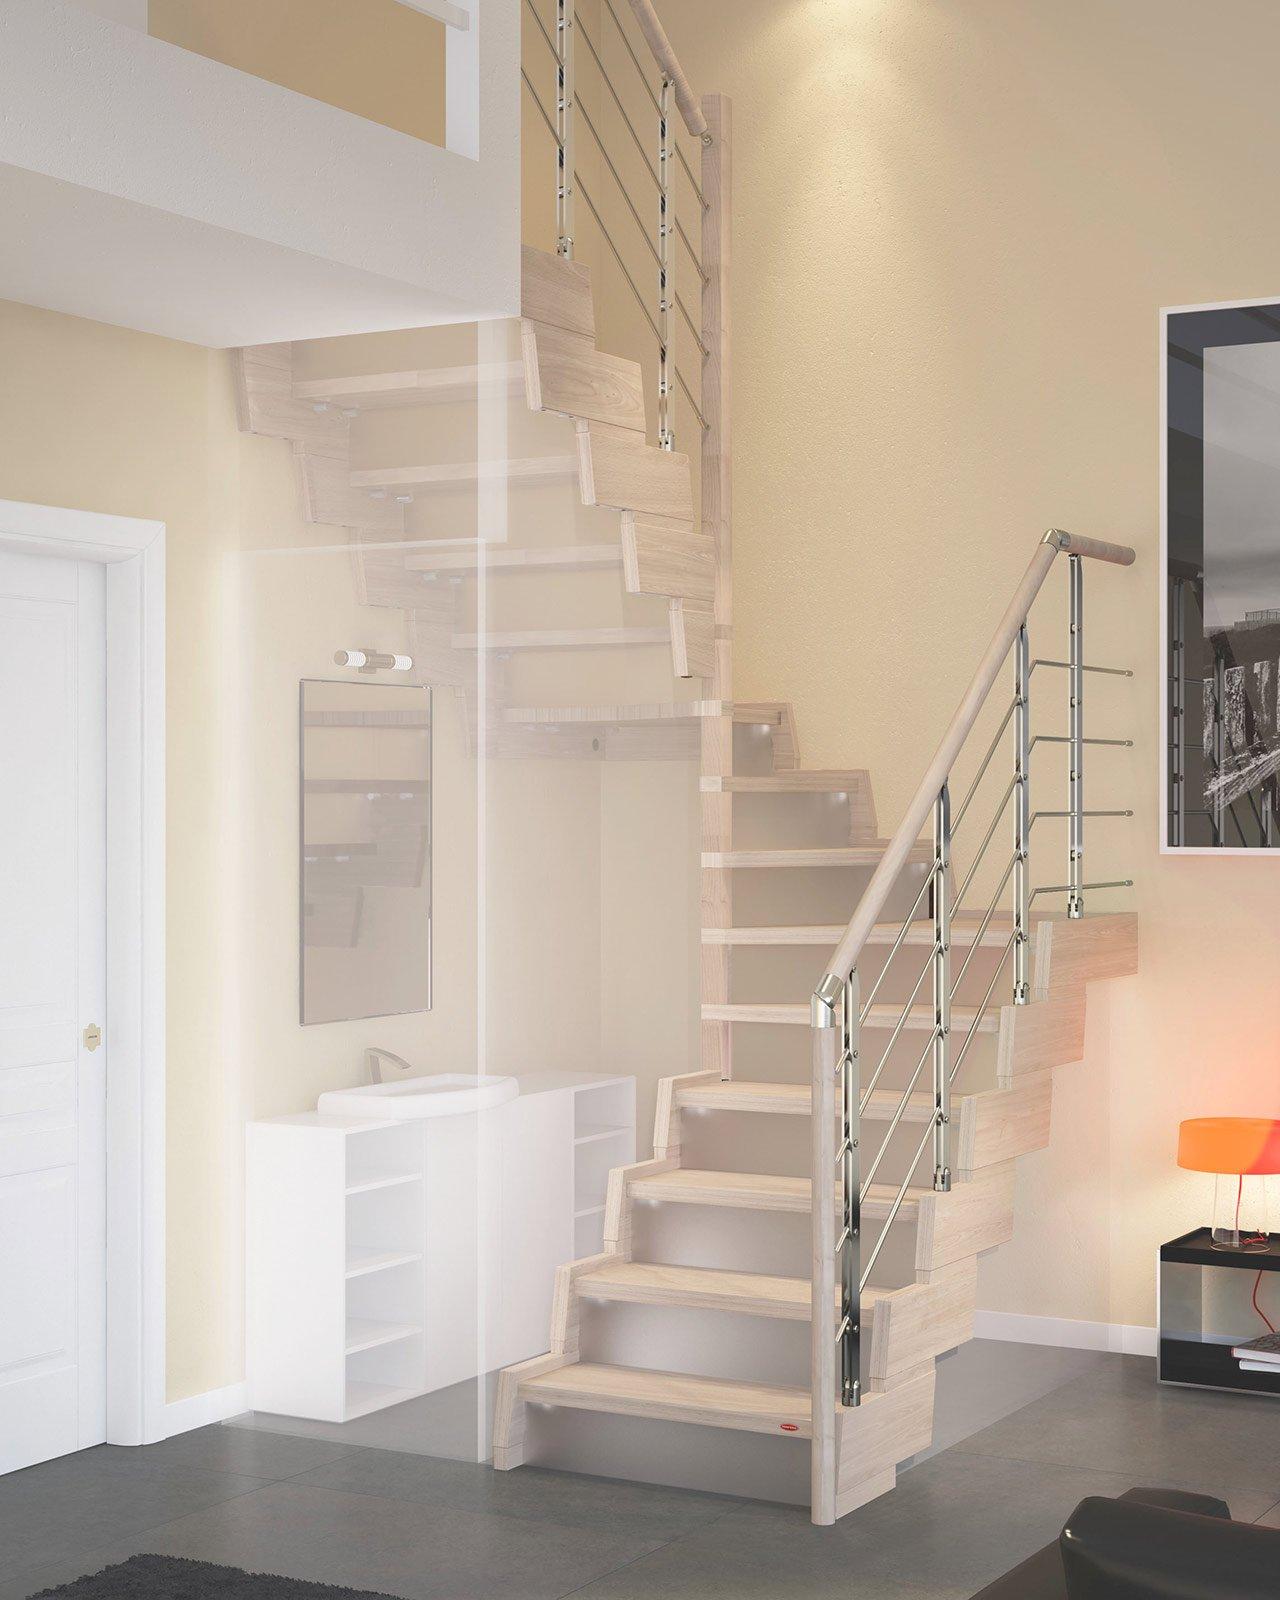 Ristrutturazione dalla porta alla scala soluzioni - Scale classiche per interni ...